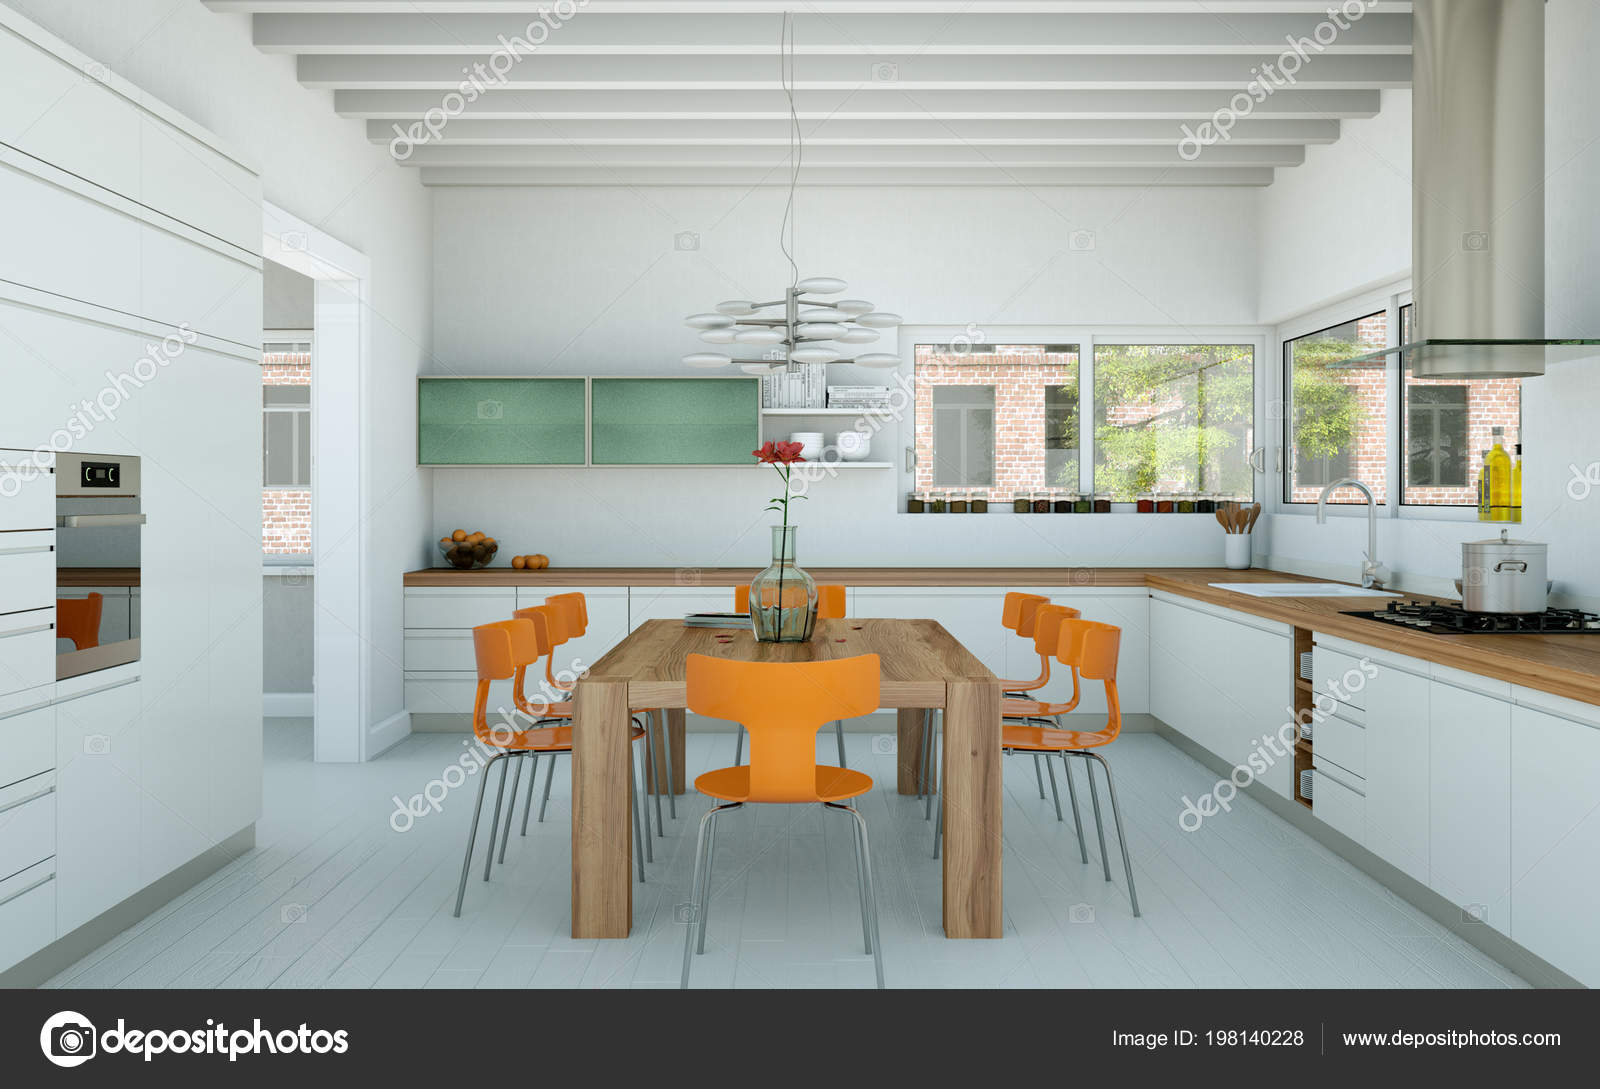 Weisse Moderne Kuche In Einem Haus Mit Orange Stuhle Und Tisch Aus